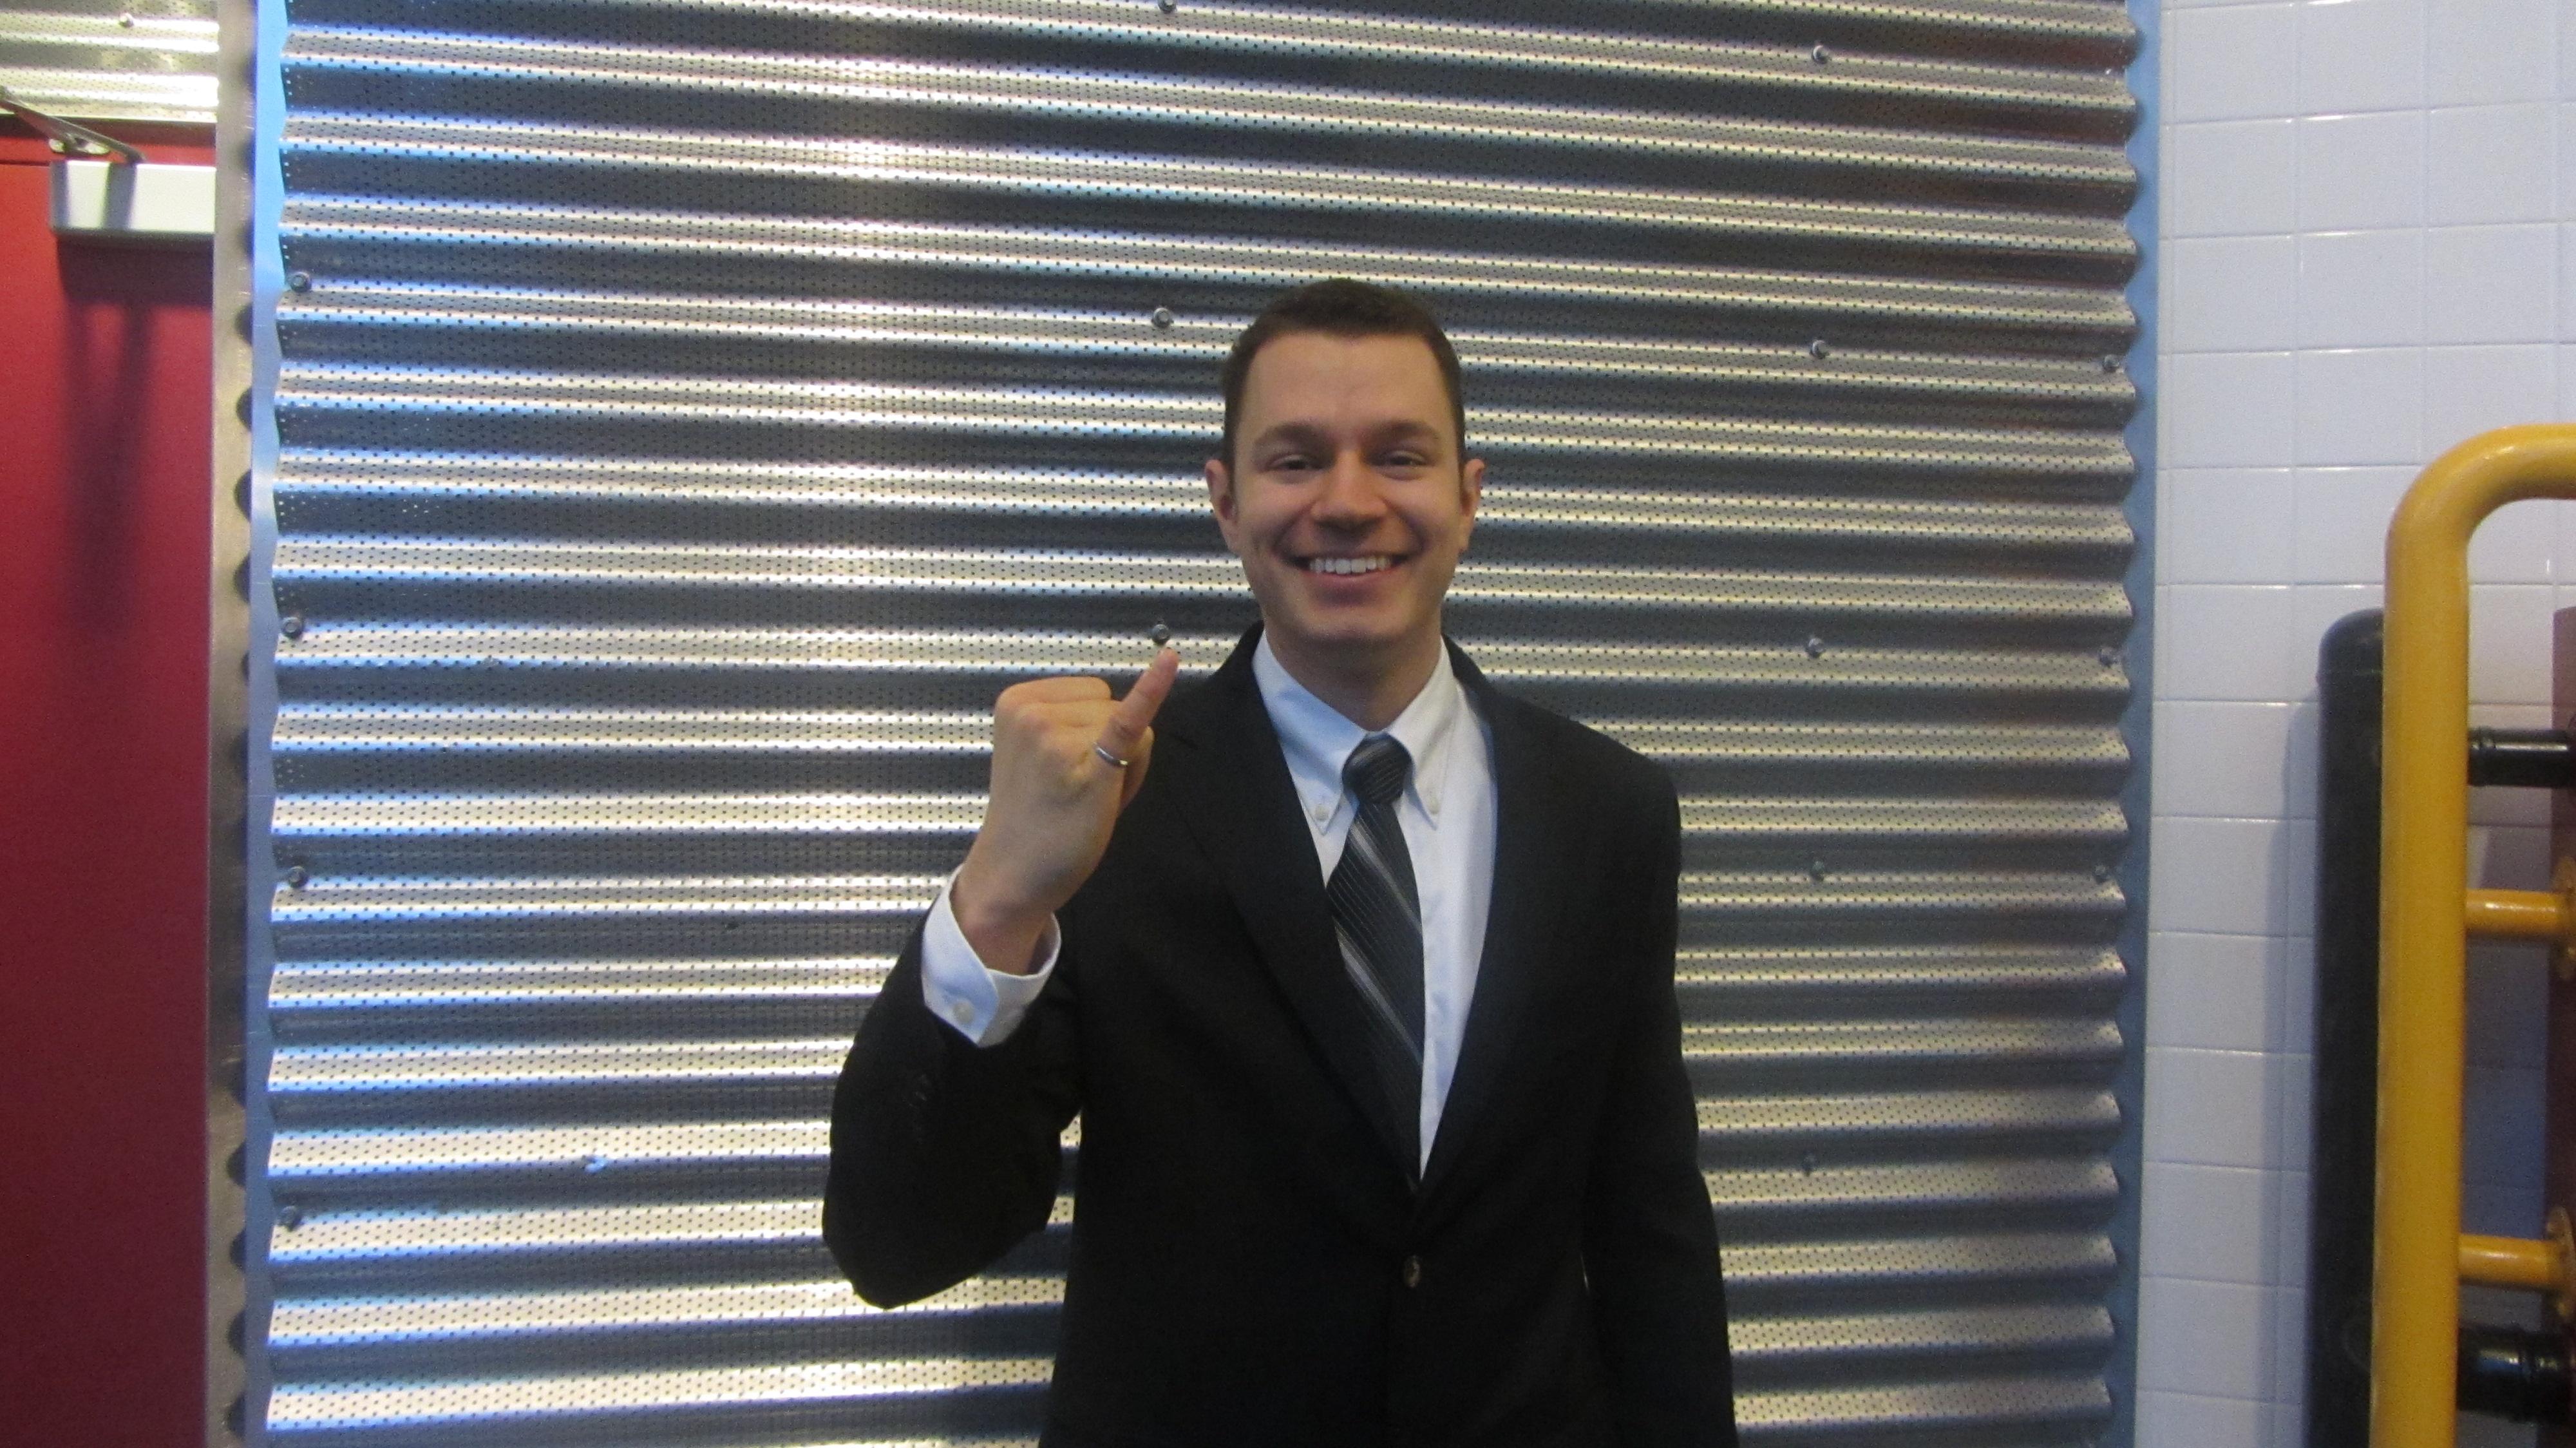 Un homme souriant vêtu d'un complet montre son petit doigt dans lequel est inséré un anneau.